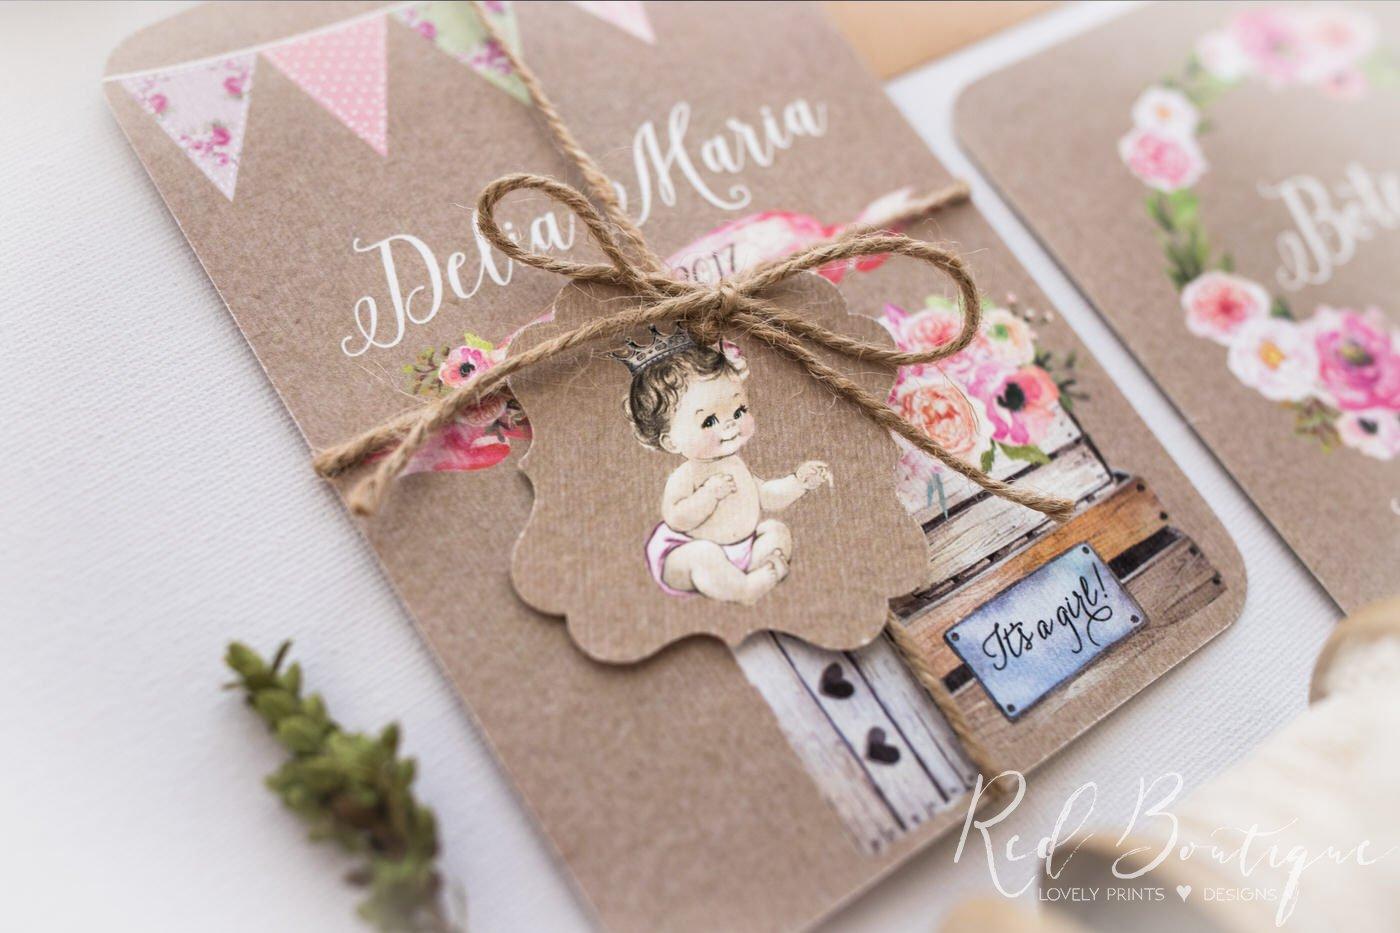 invitatie vintage cu carton texturat deosebit legata cu sfoara natur si biletel cu fetita